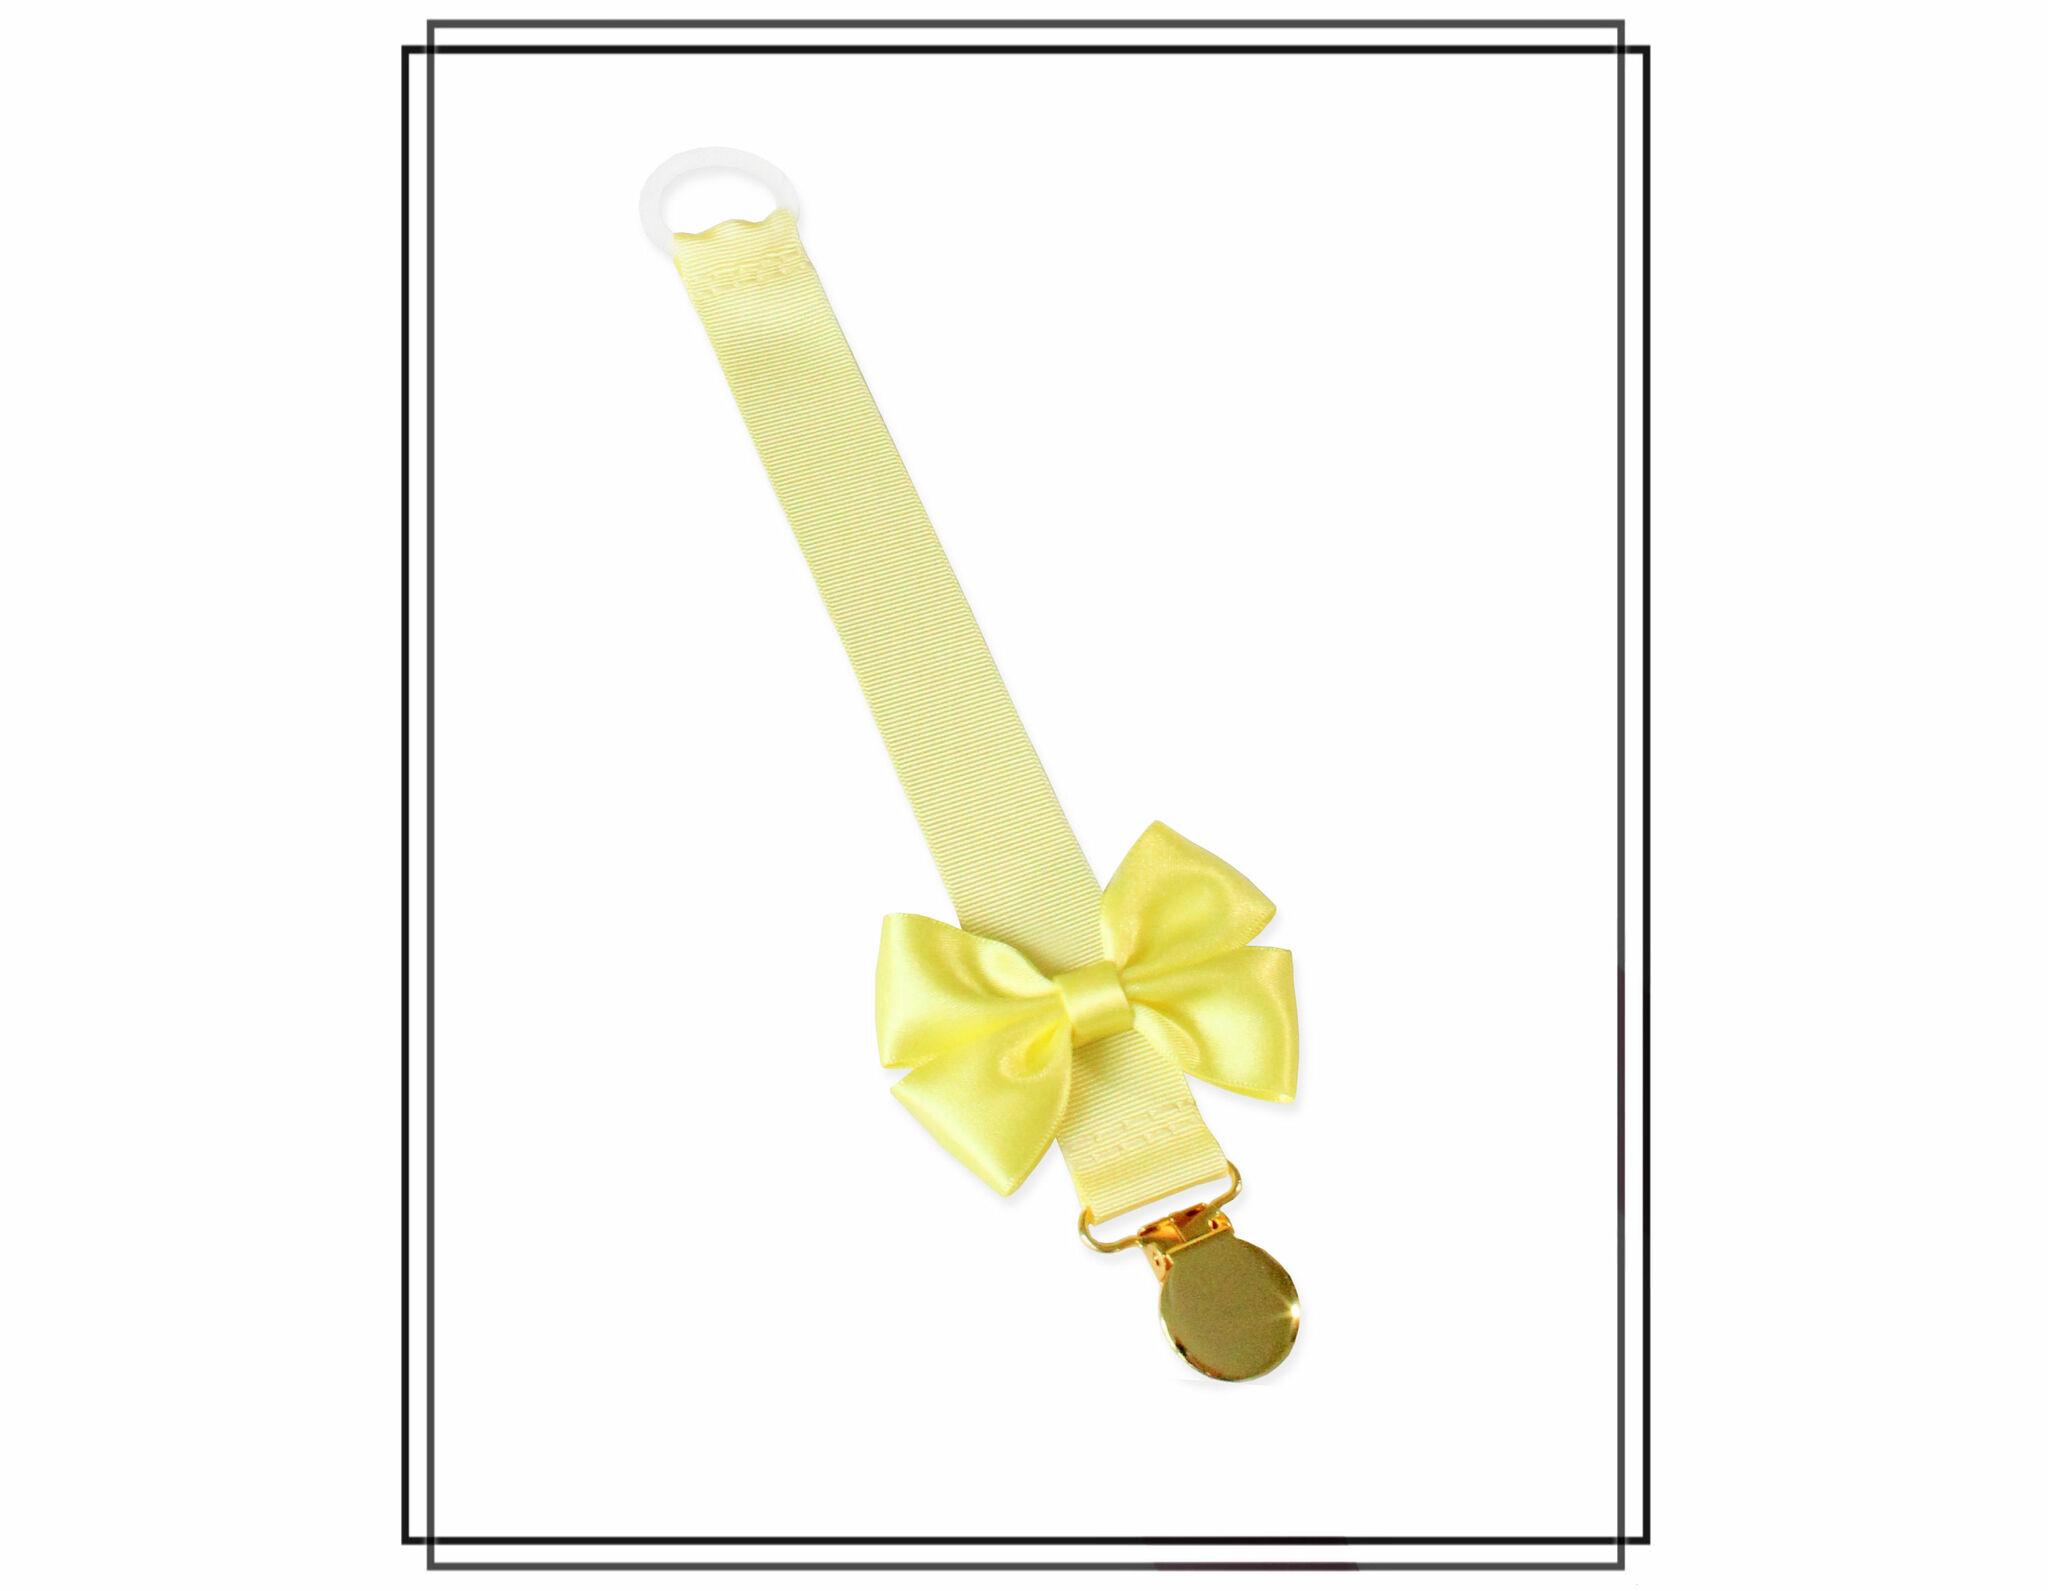 Ljusgul napphållare med citrongul rosett